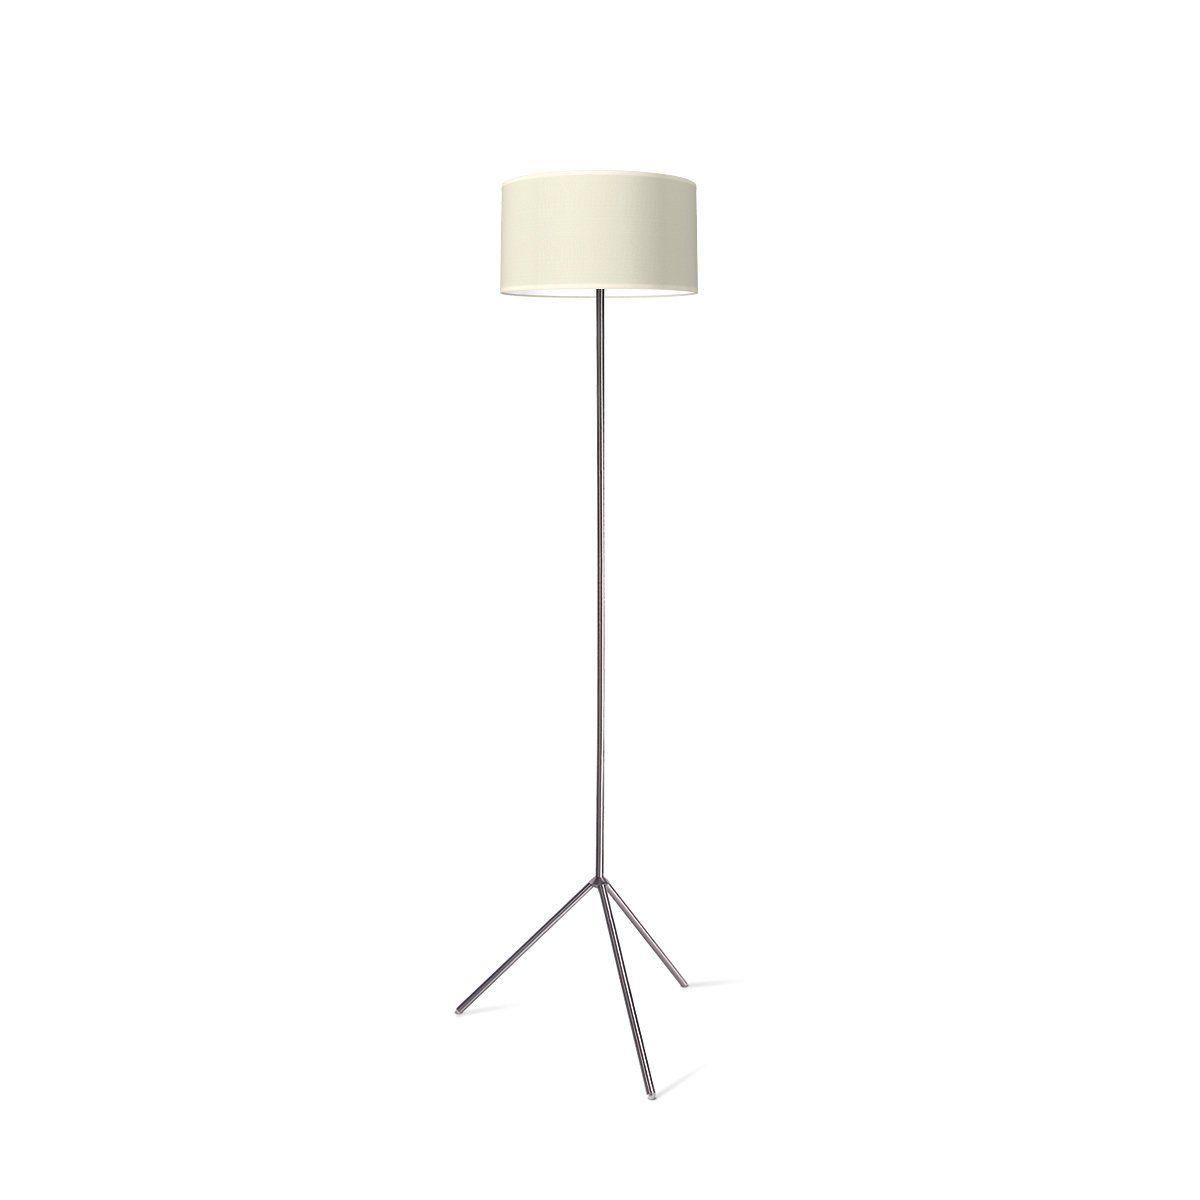 vloerlamp karma bling Ø 40 cm - warmwit